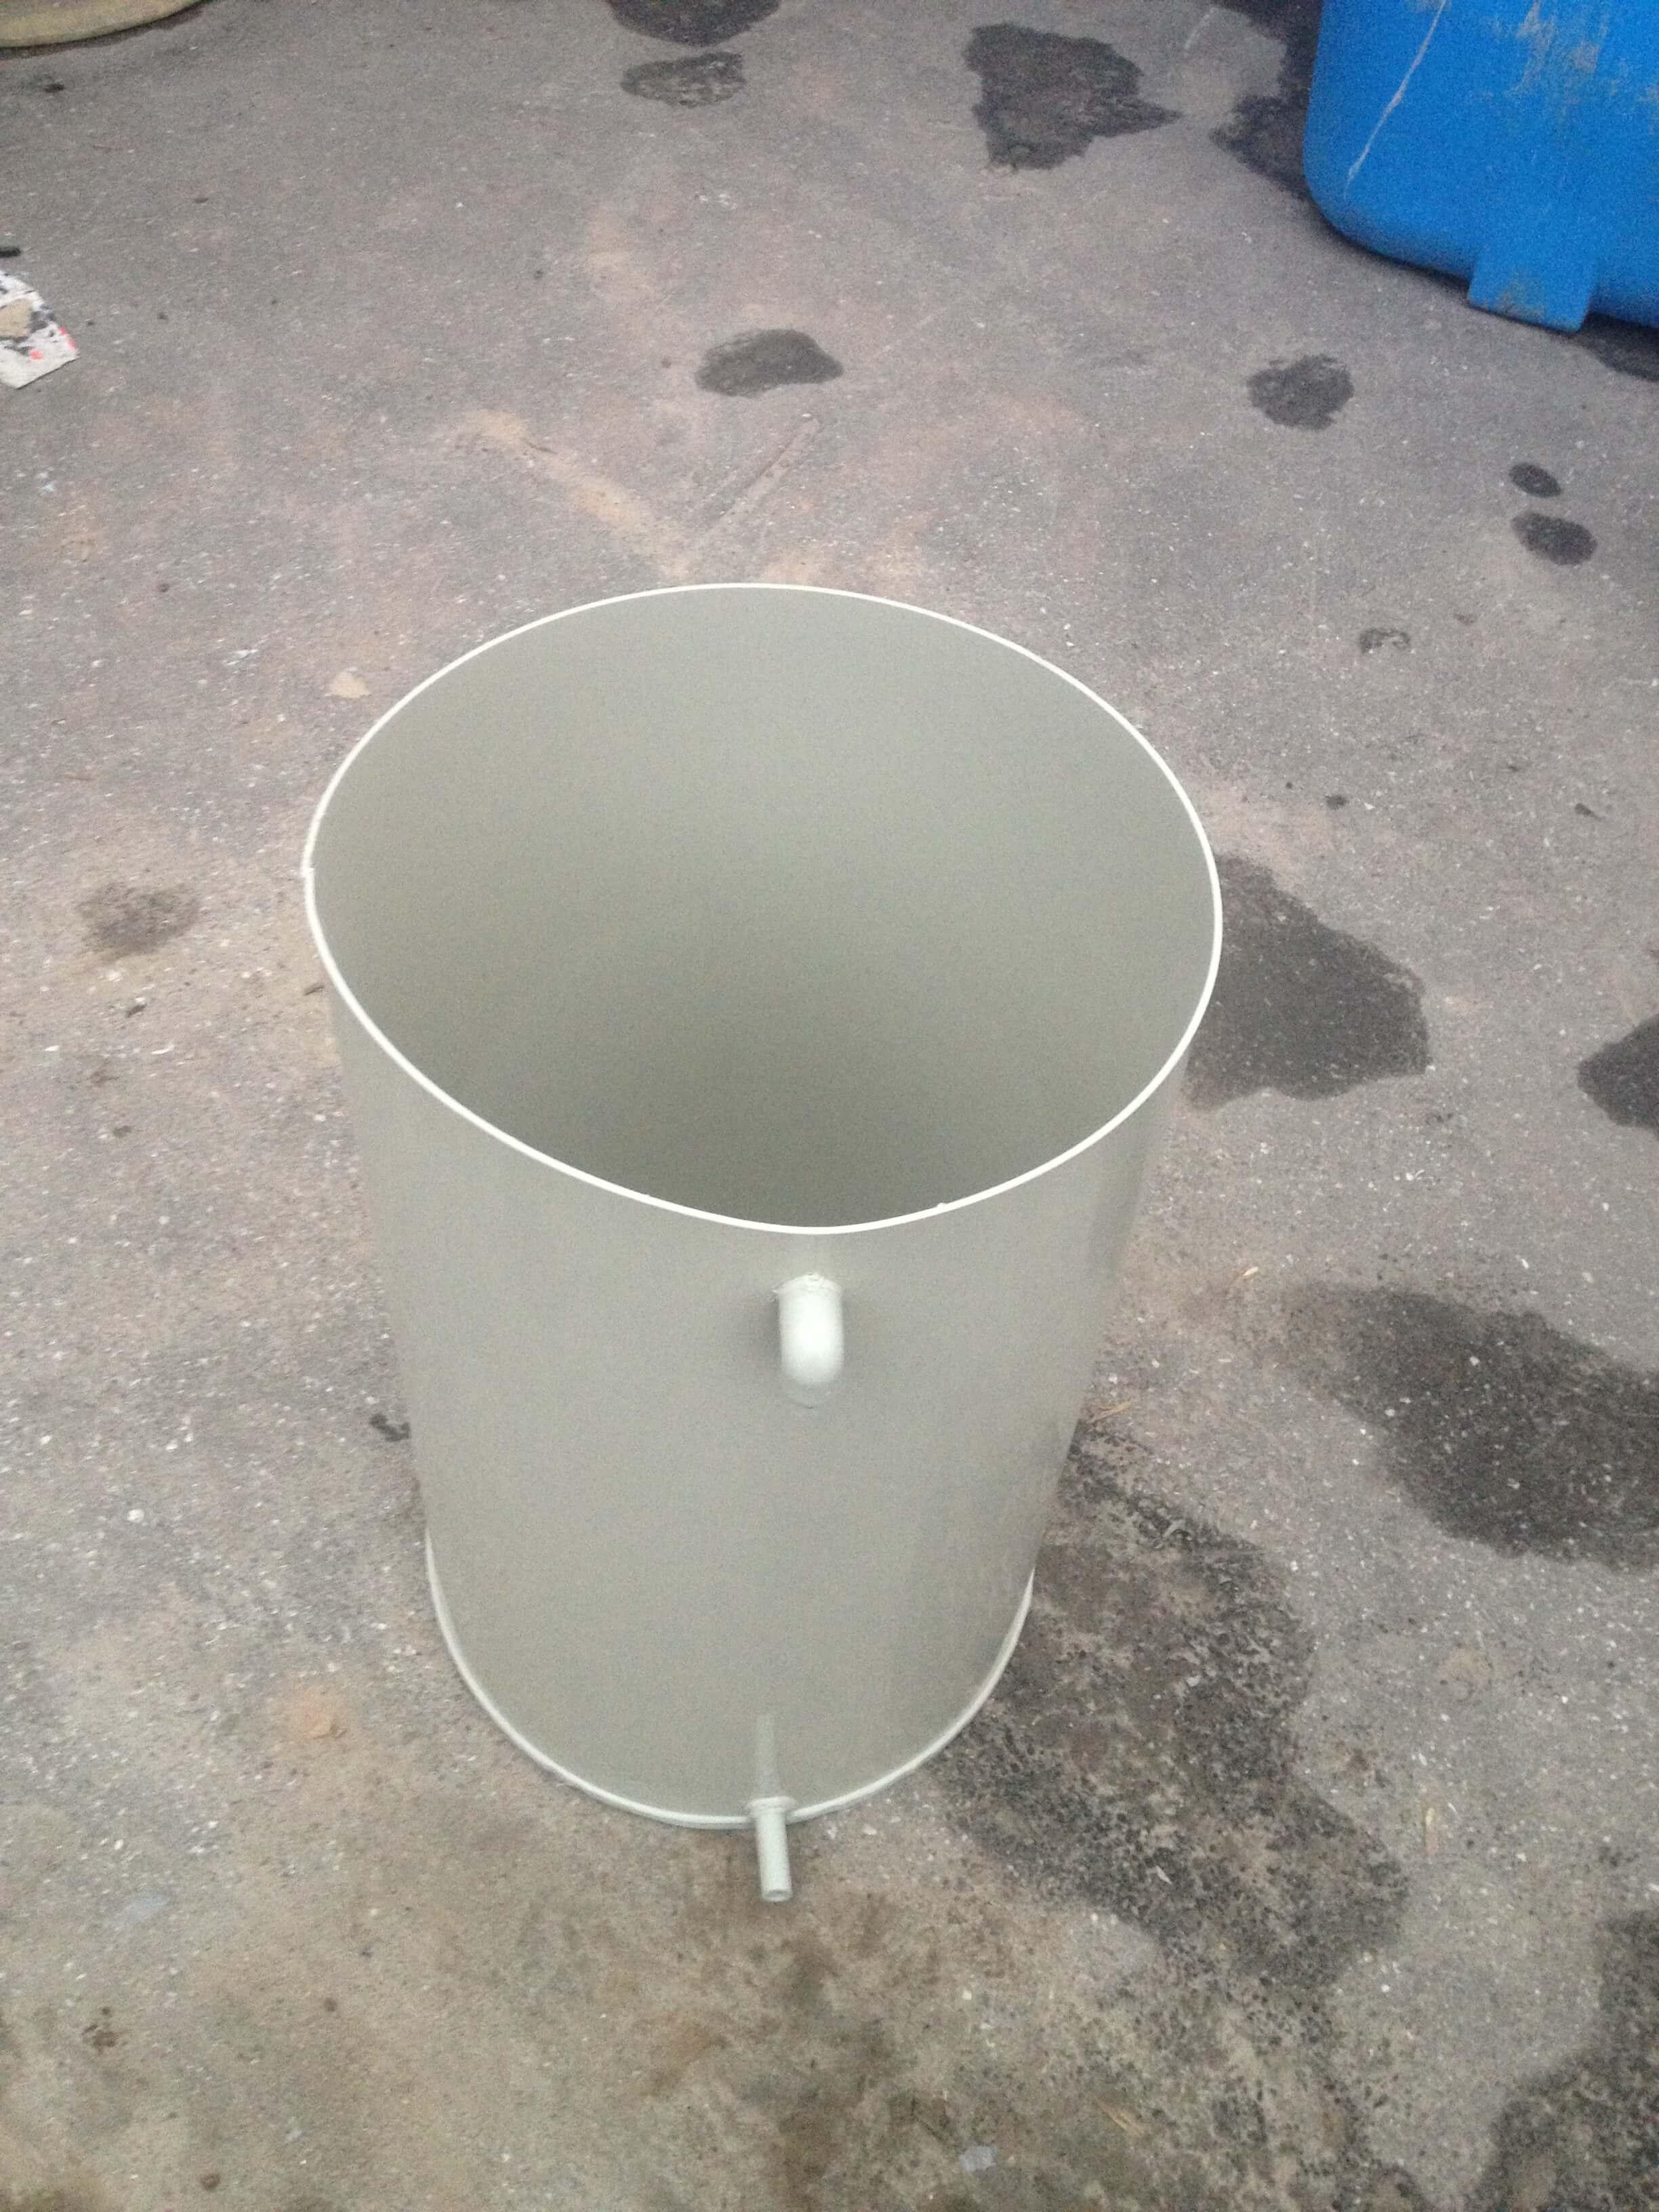 Фото №1. Емкость из ПП на 600 л со съемной крышкой. (Вид 1)